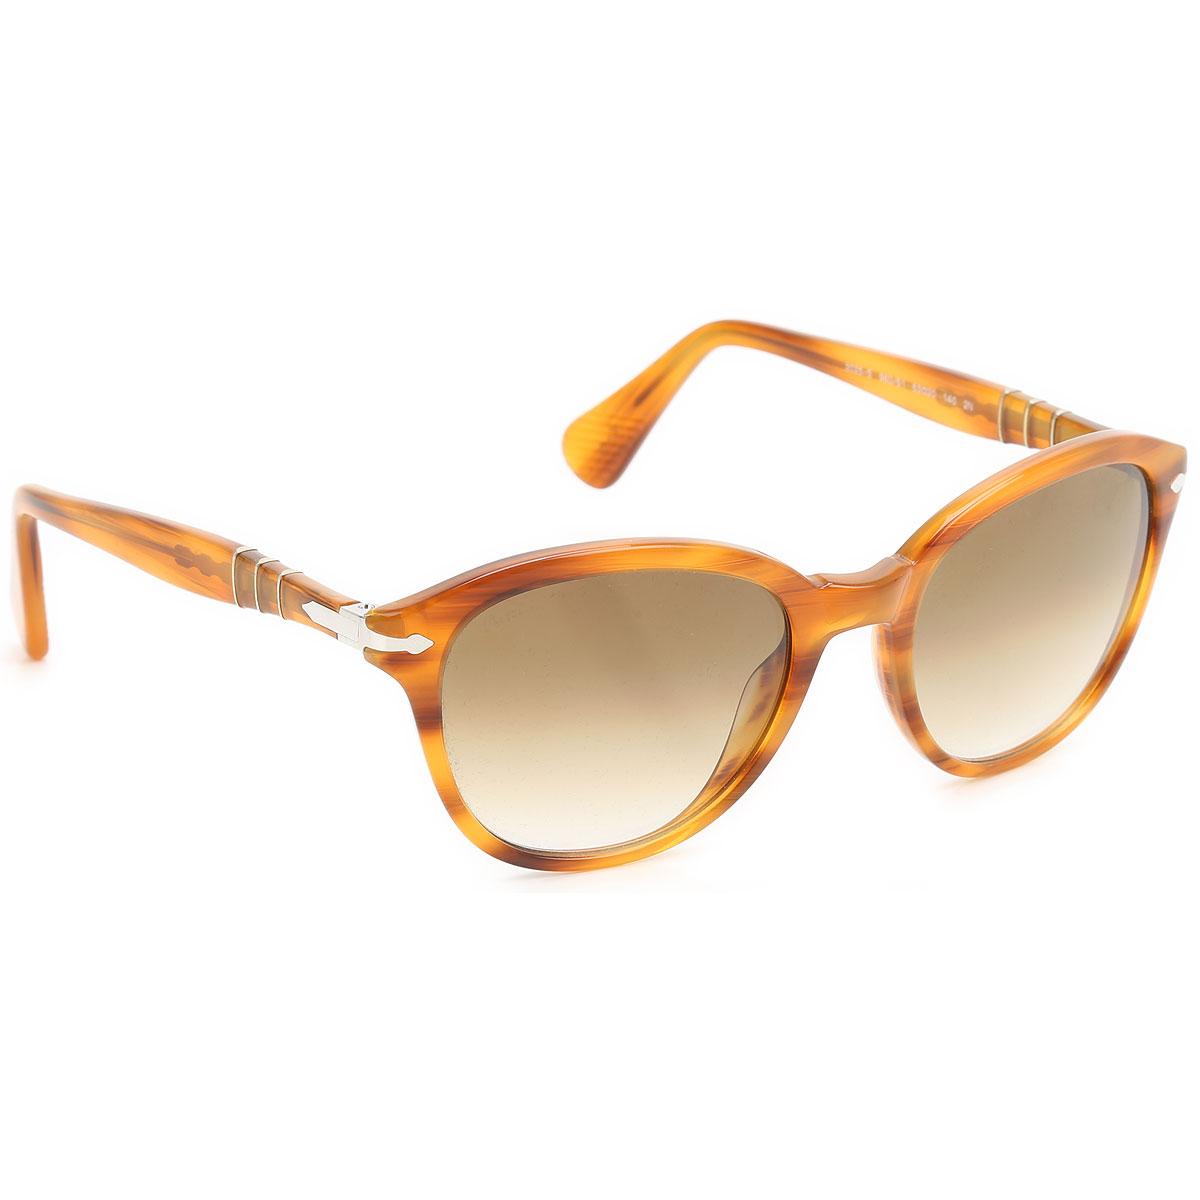 28f2f55436 Persol. Sunglasses